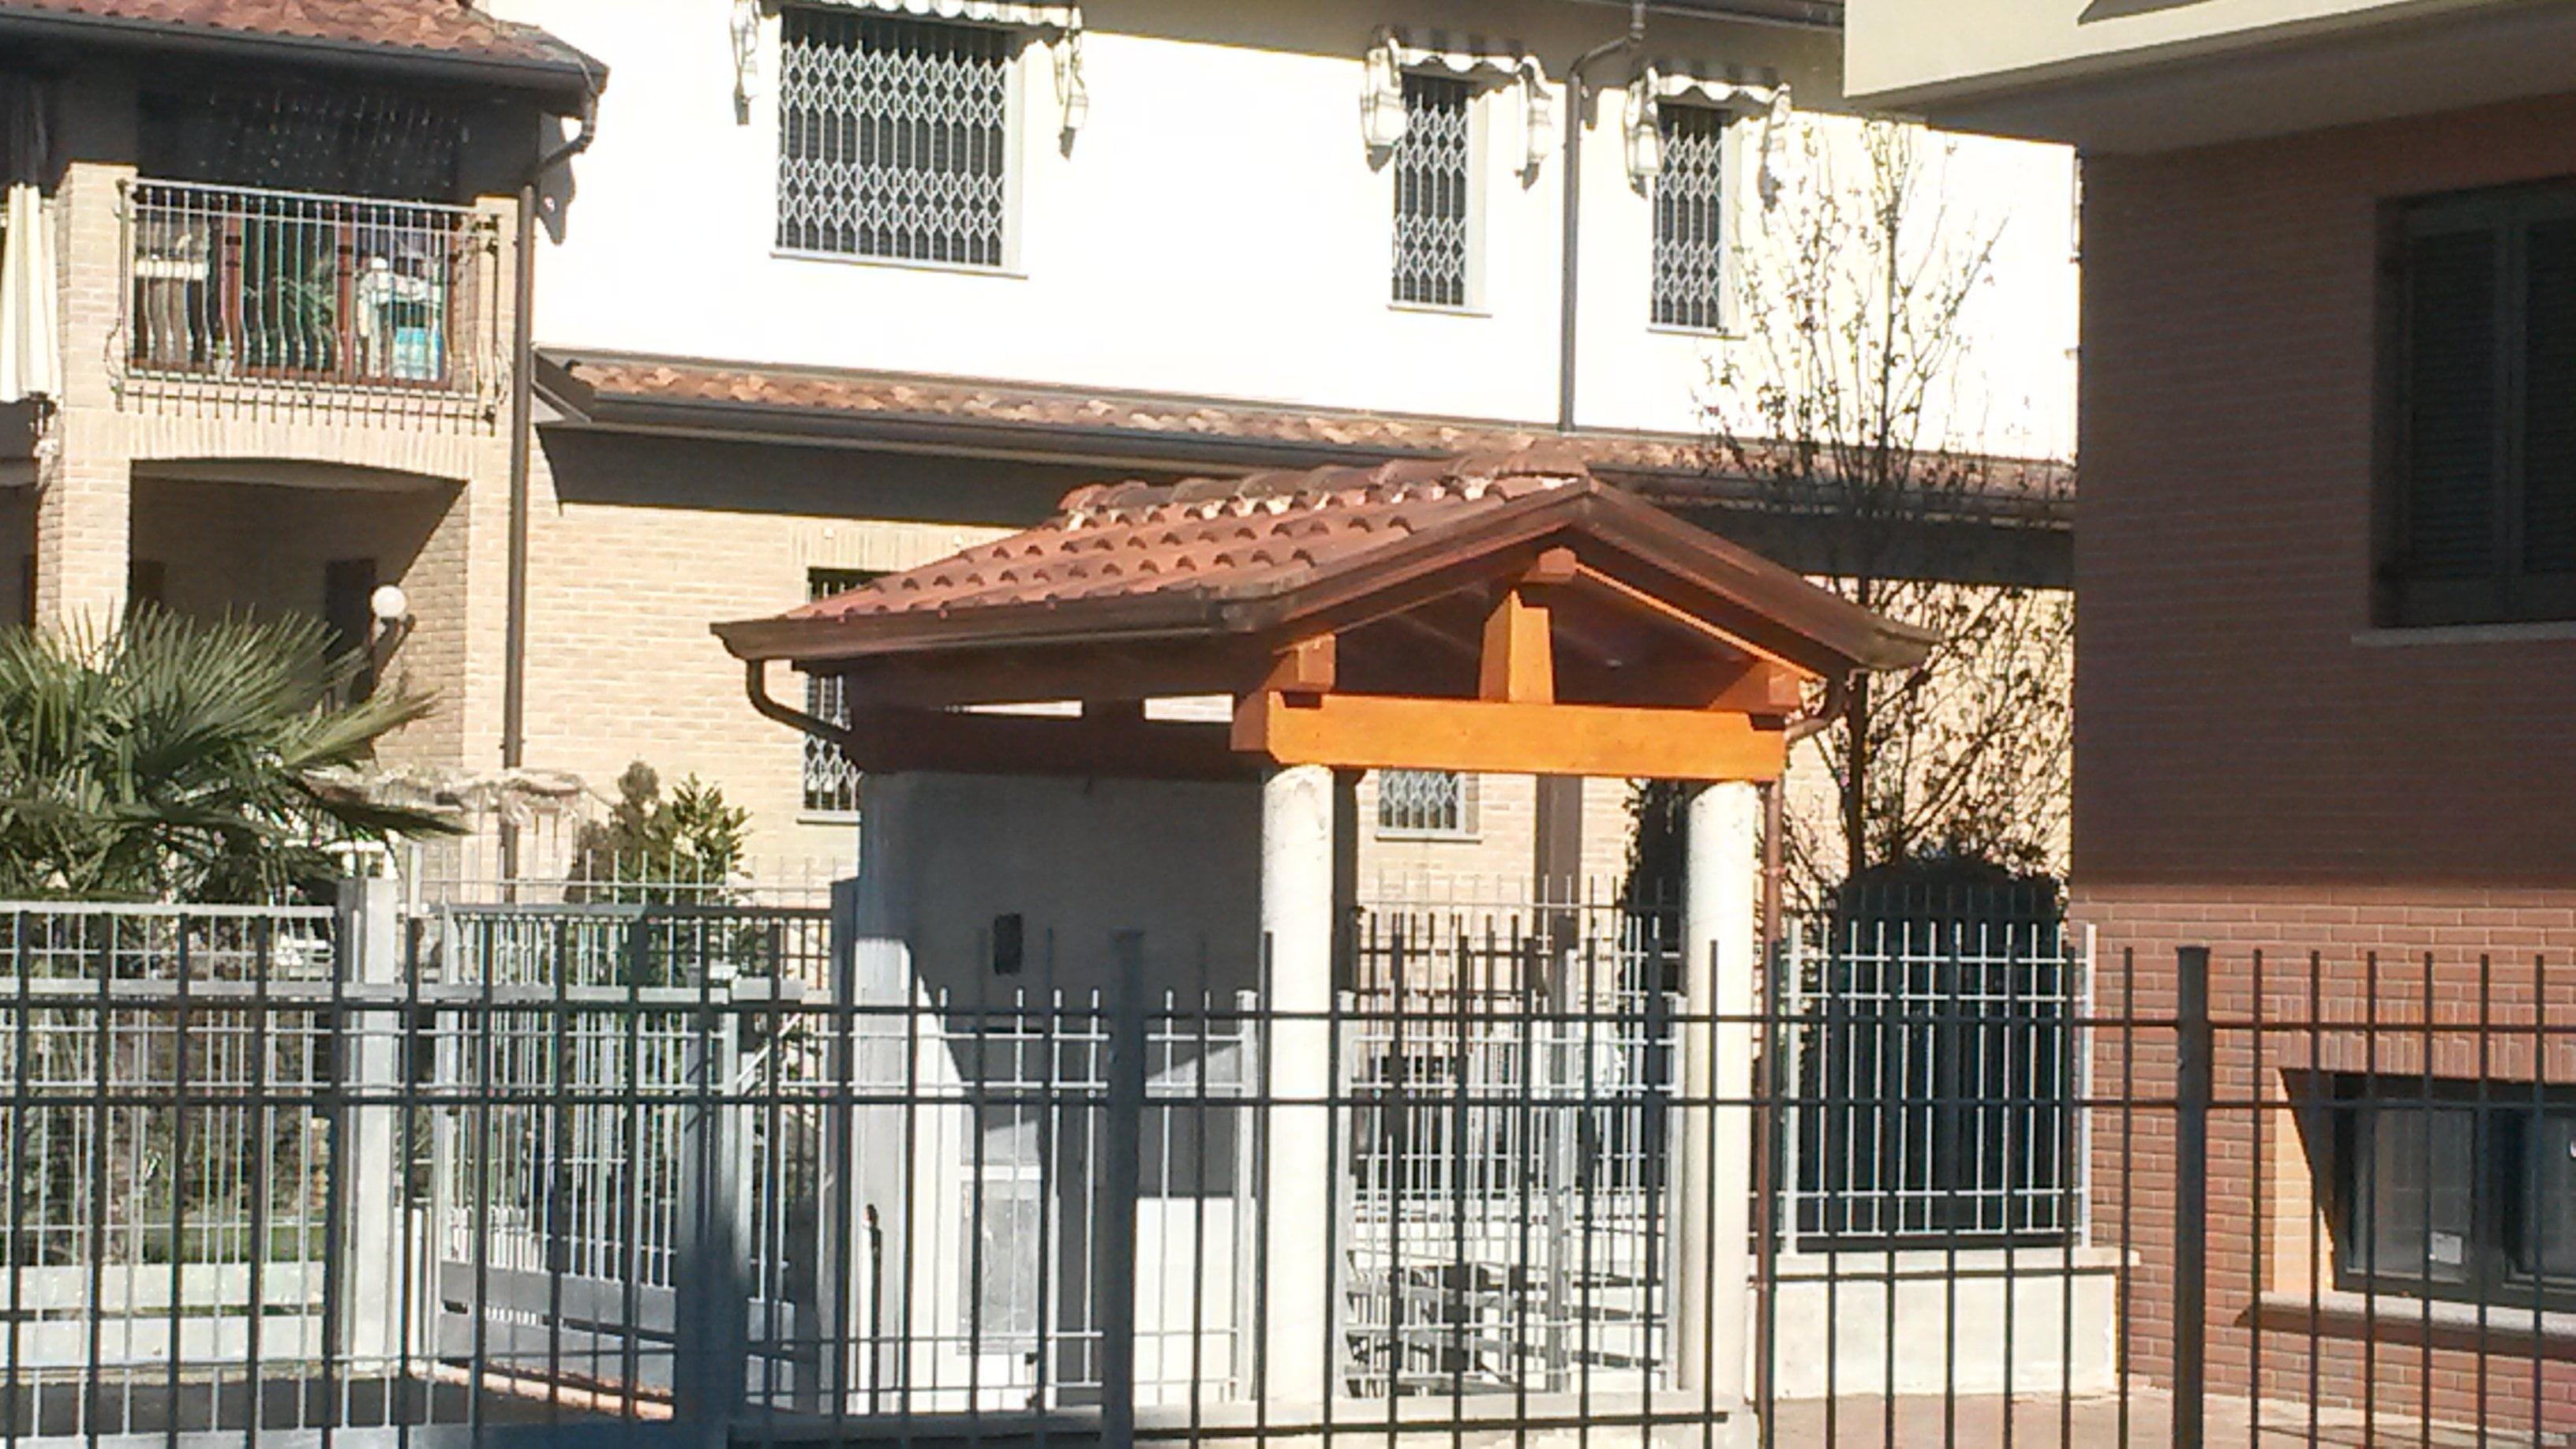 Copri cancelletto in legno e tegole cereda legnami - Cancelletto in legno per esterno ...